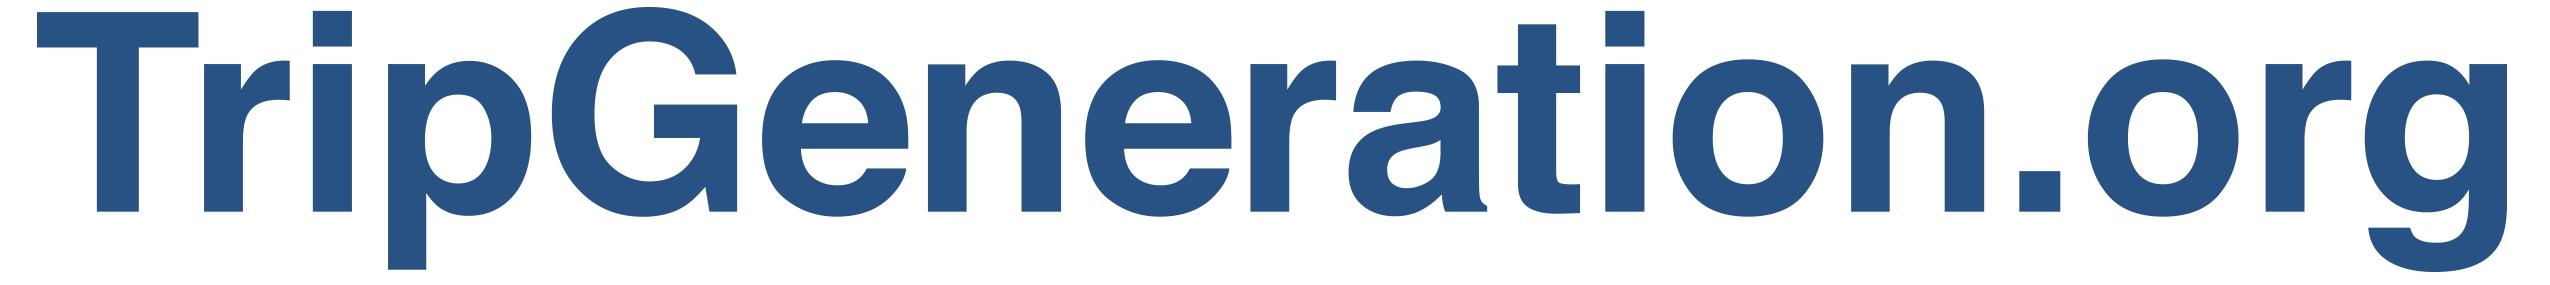 tripgen_logo